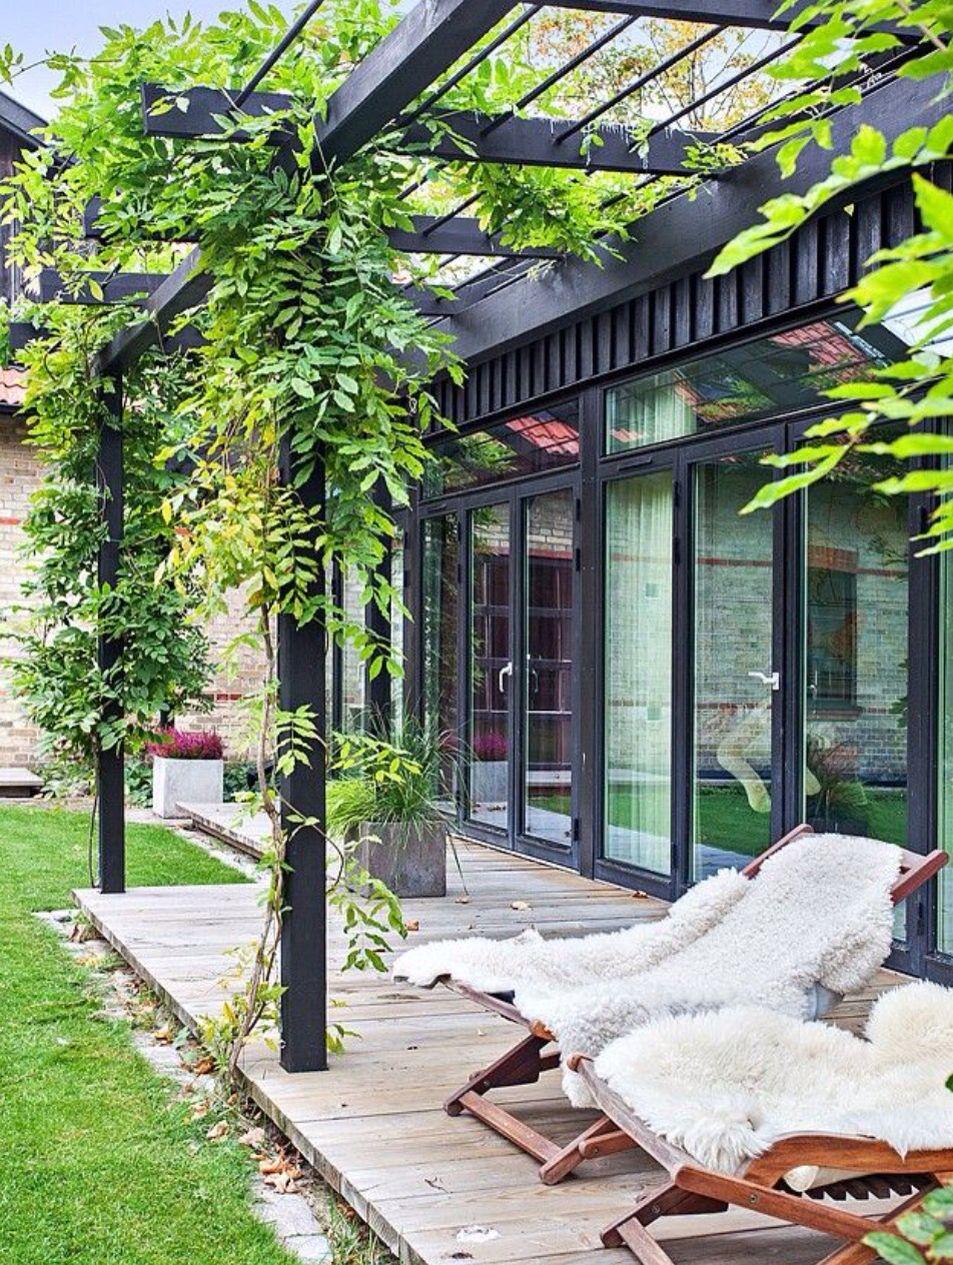 Wimpelkette Garten Und Terrasse Podest Terrassenanschluss Garten Schone Terrasse Pergola Plane